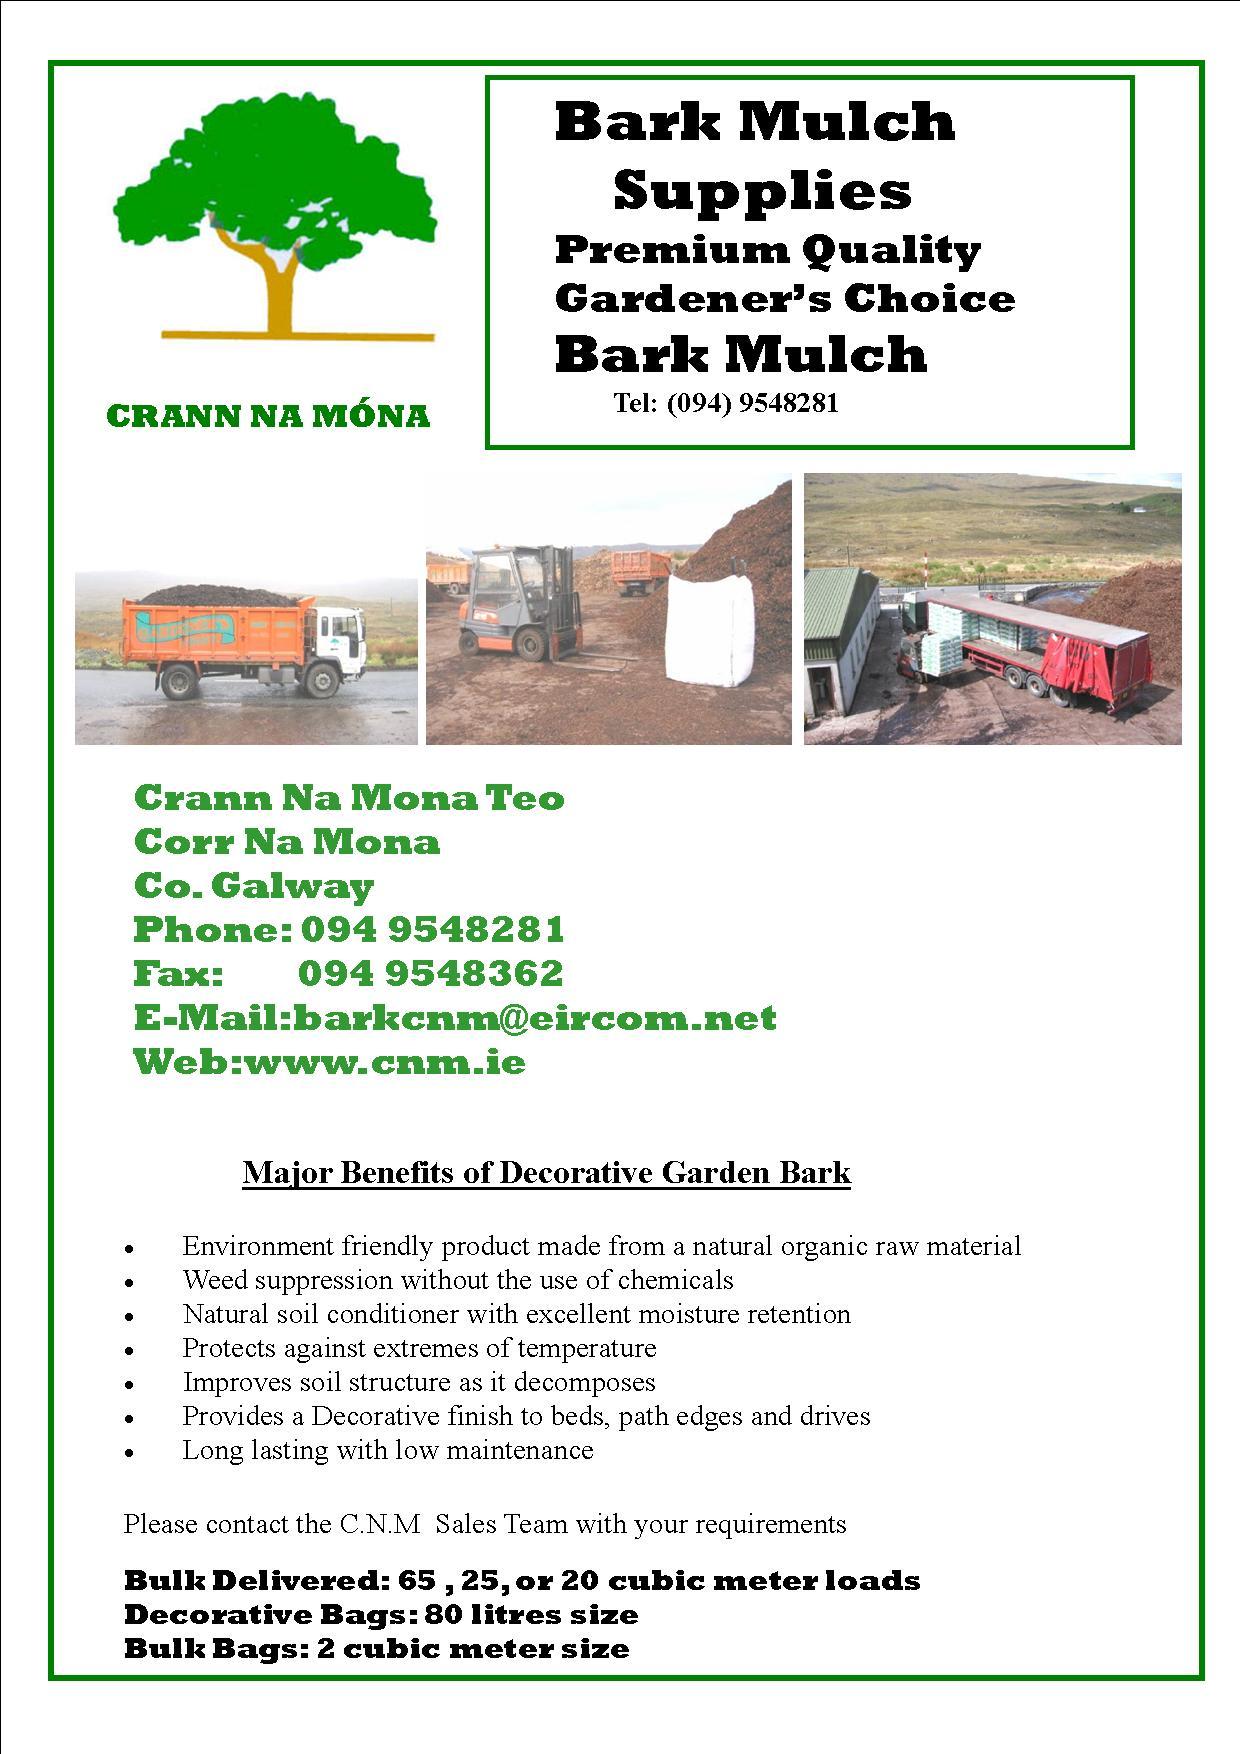 CNM - Crann Na Móna Teo, Garden Centres, Galway